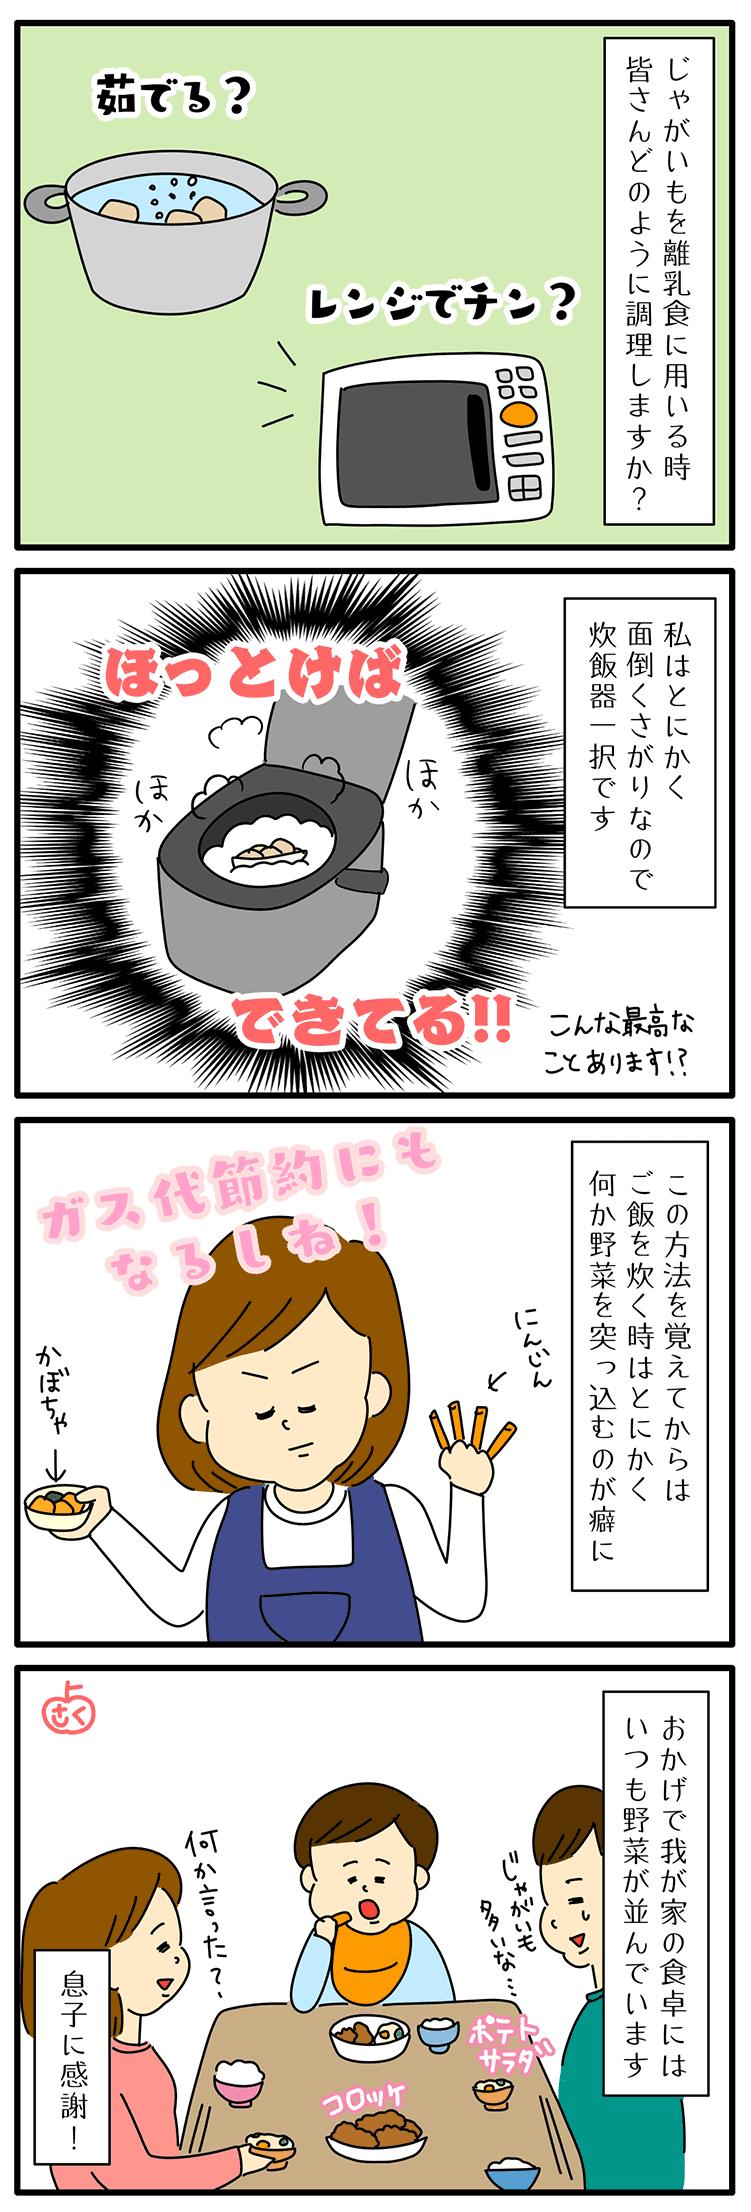 離乳食のじゃがいもの永岡さくら(saku)子育て4コマ漫画